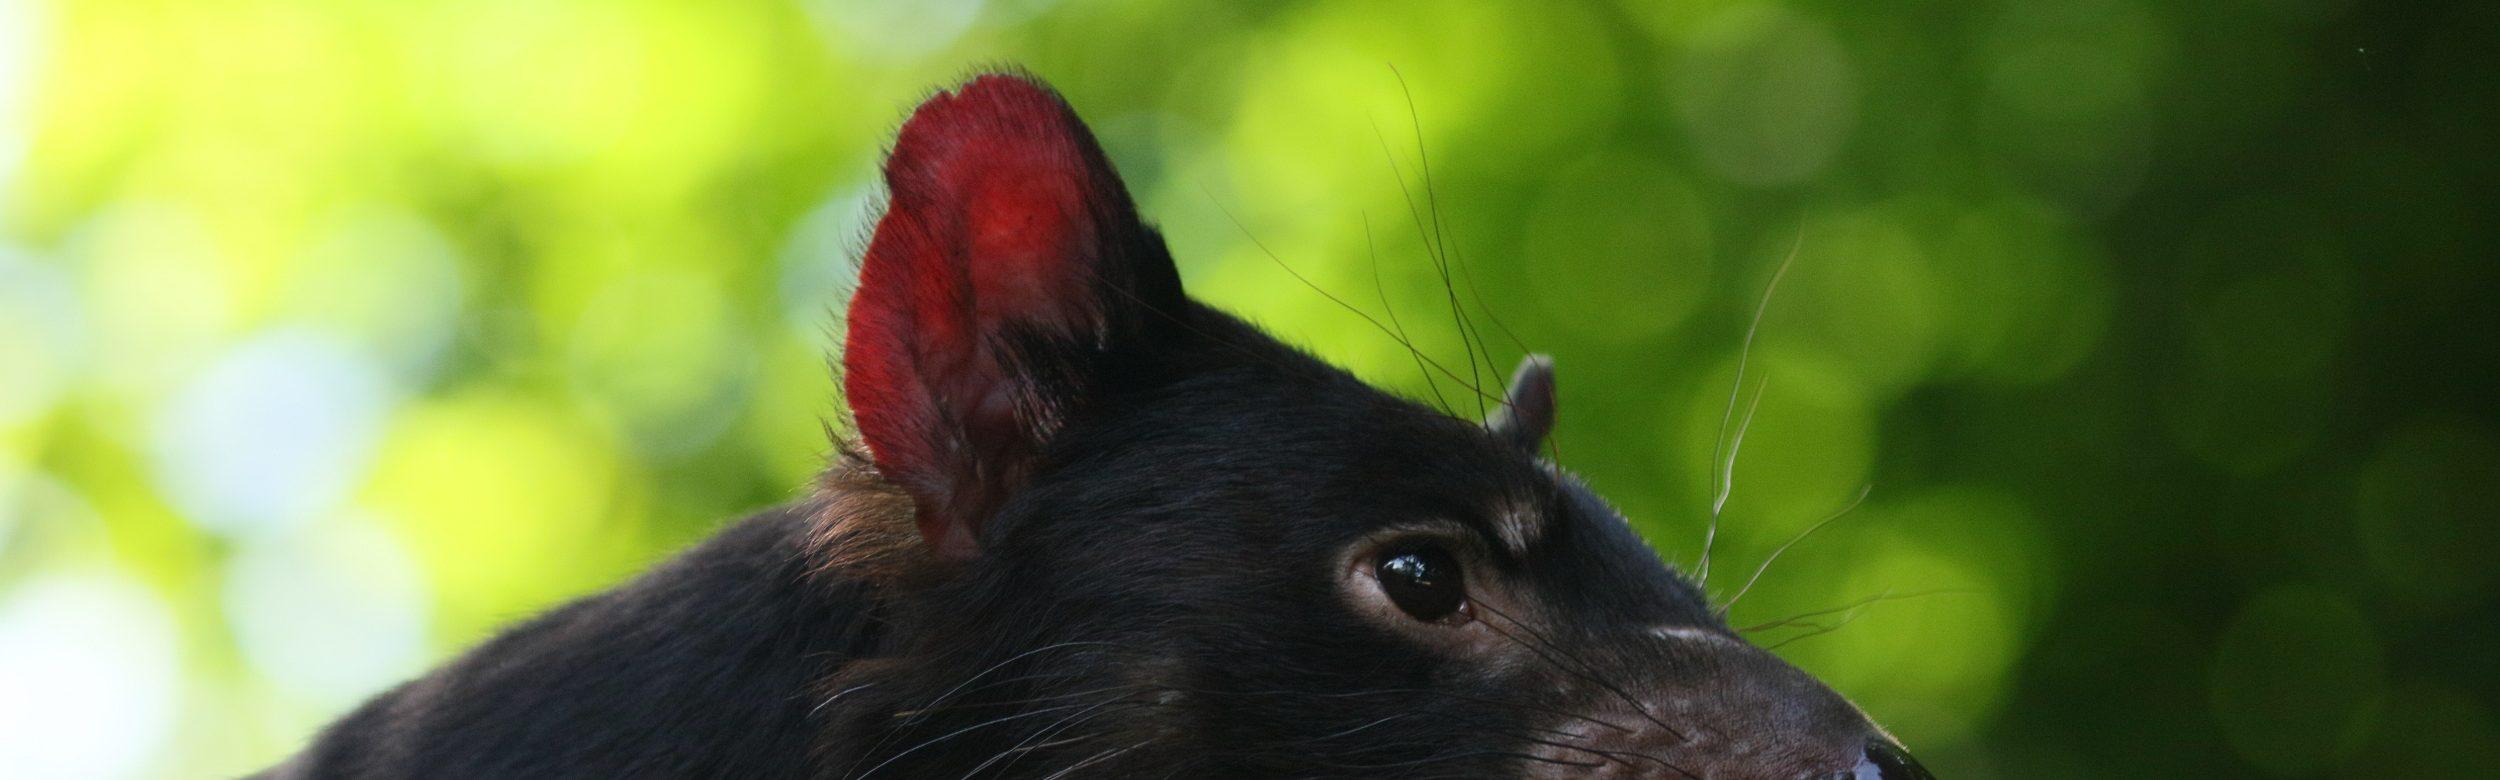 Tasmanain Devil